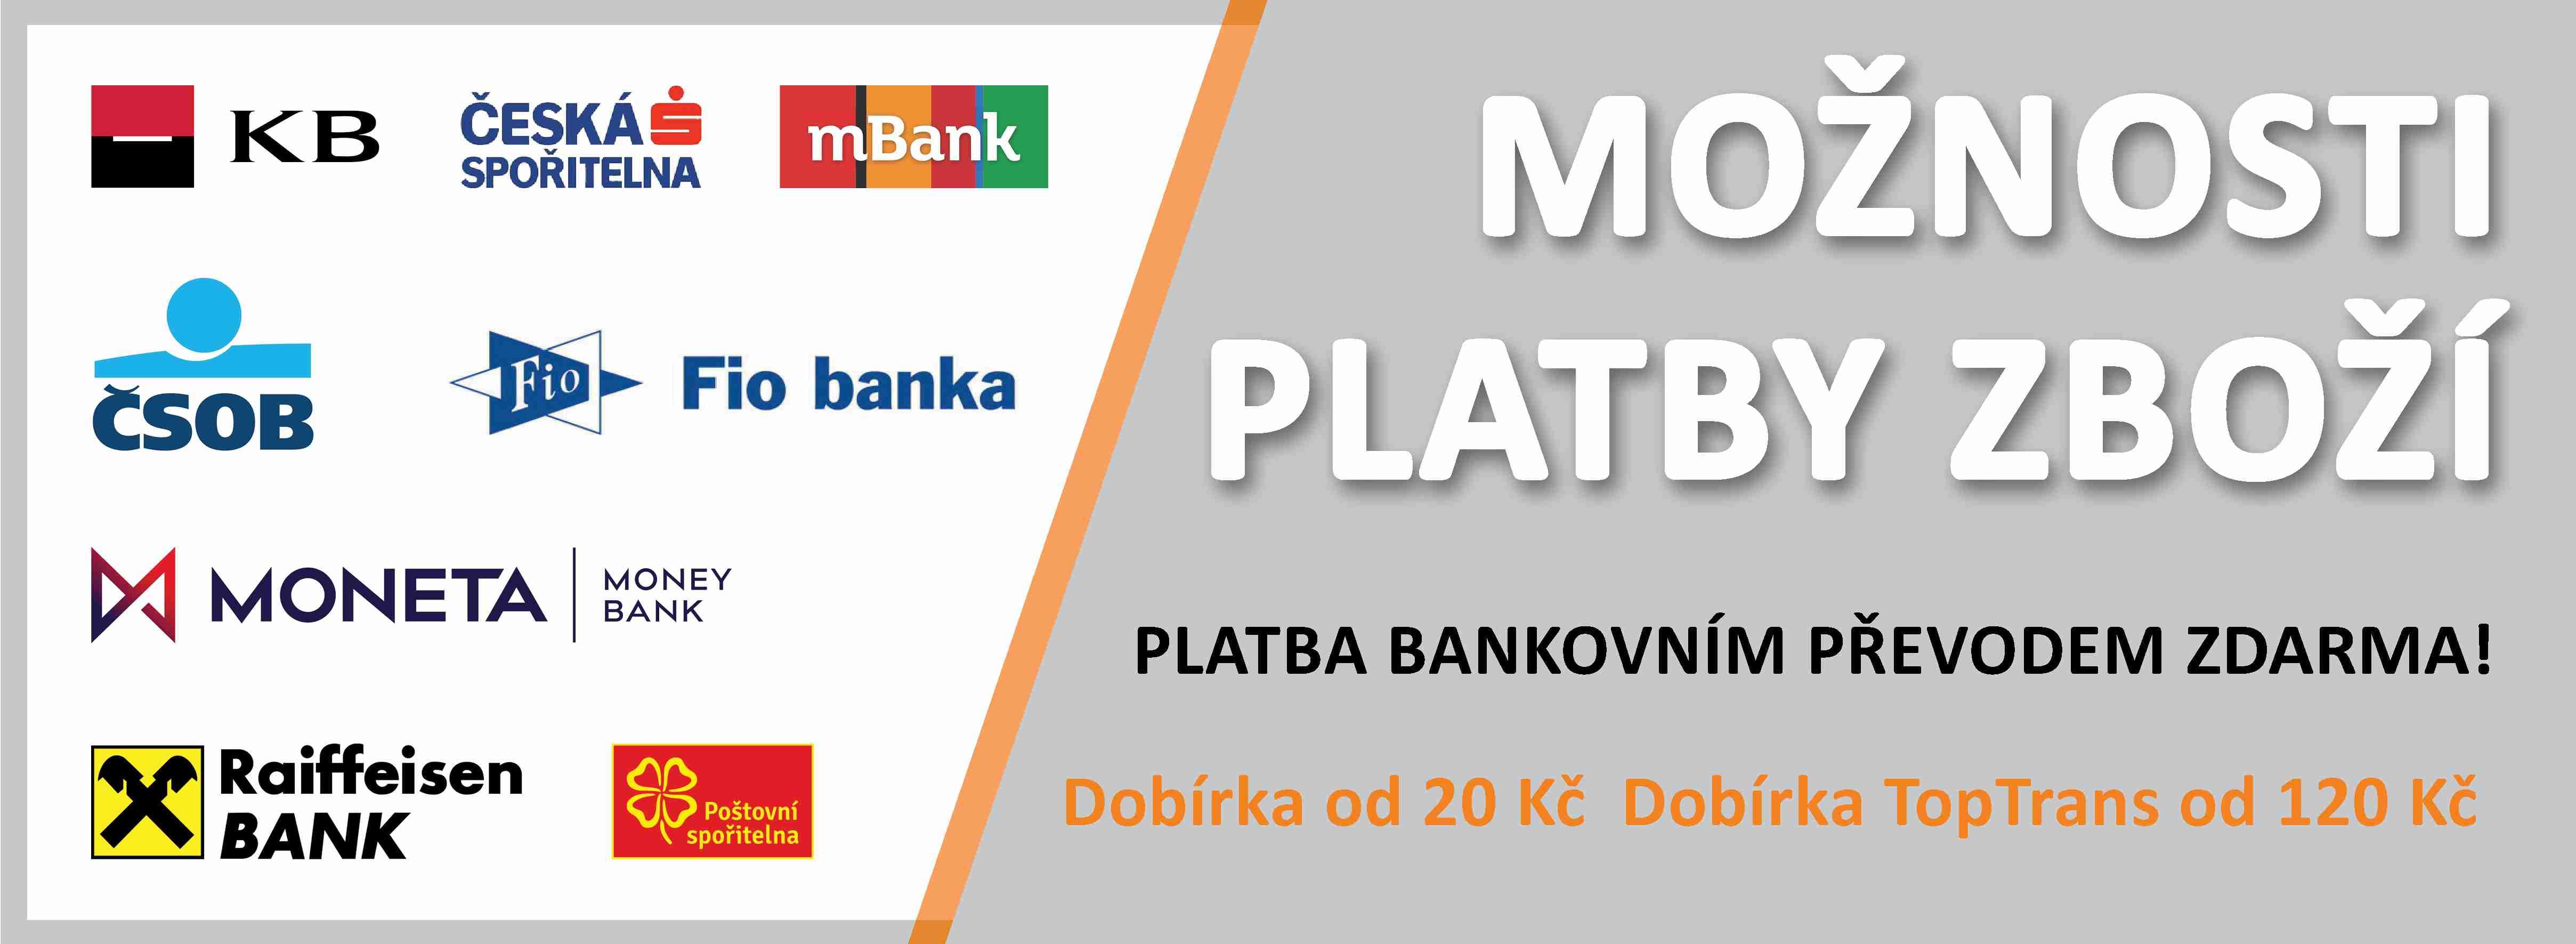 Možnosti platby zboží Pohony-Mhouse.cz